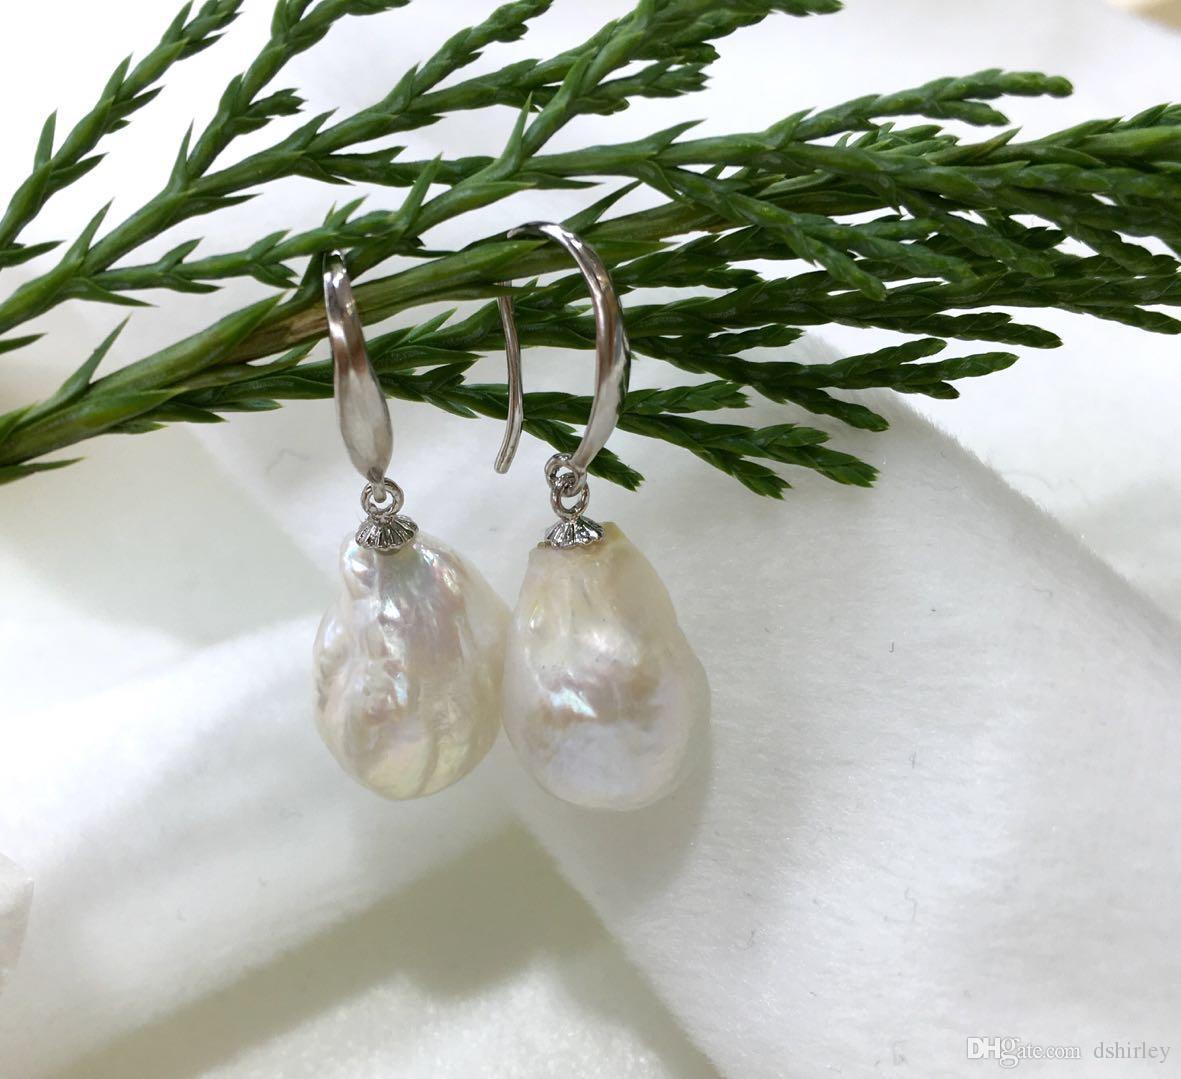 Белый барокко жемчужные серьги, 925 серебряные серьги, провисание серьги, самый специальный подарок, уникальный стиль